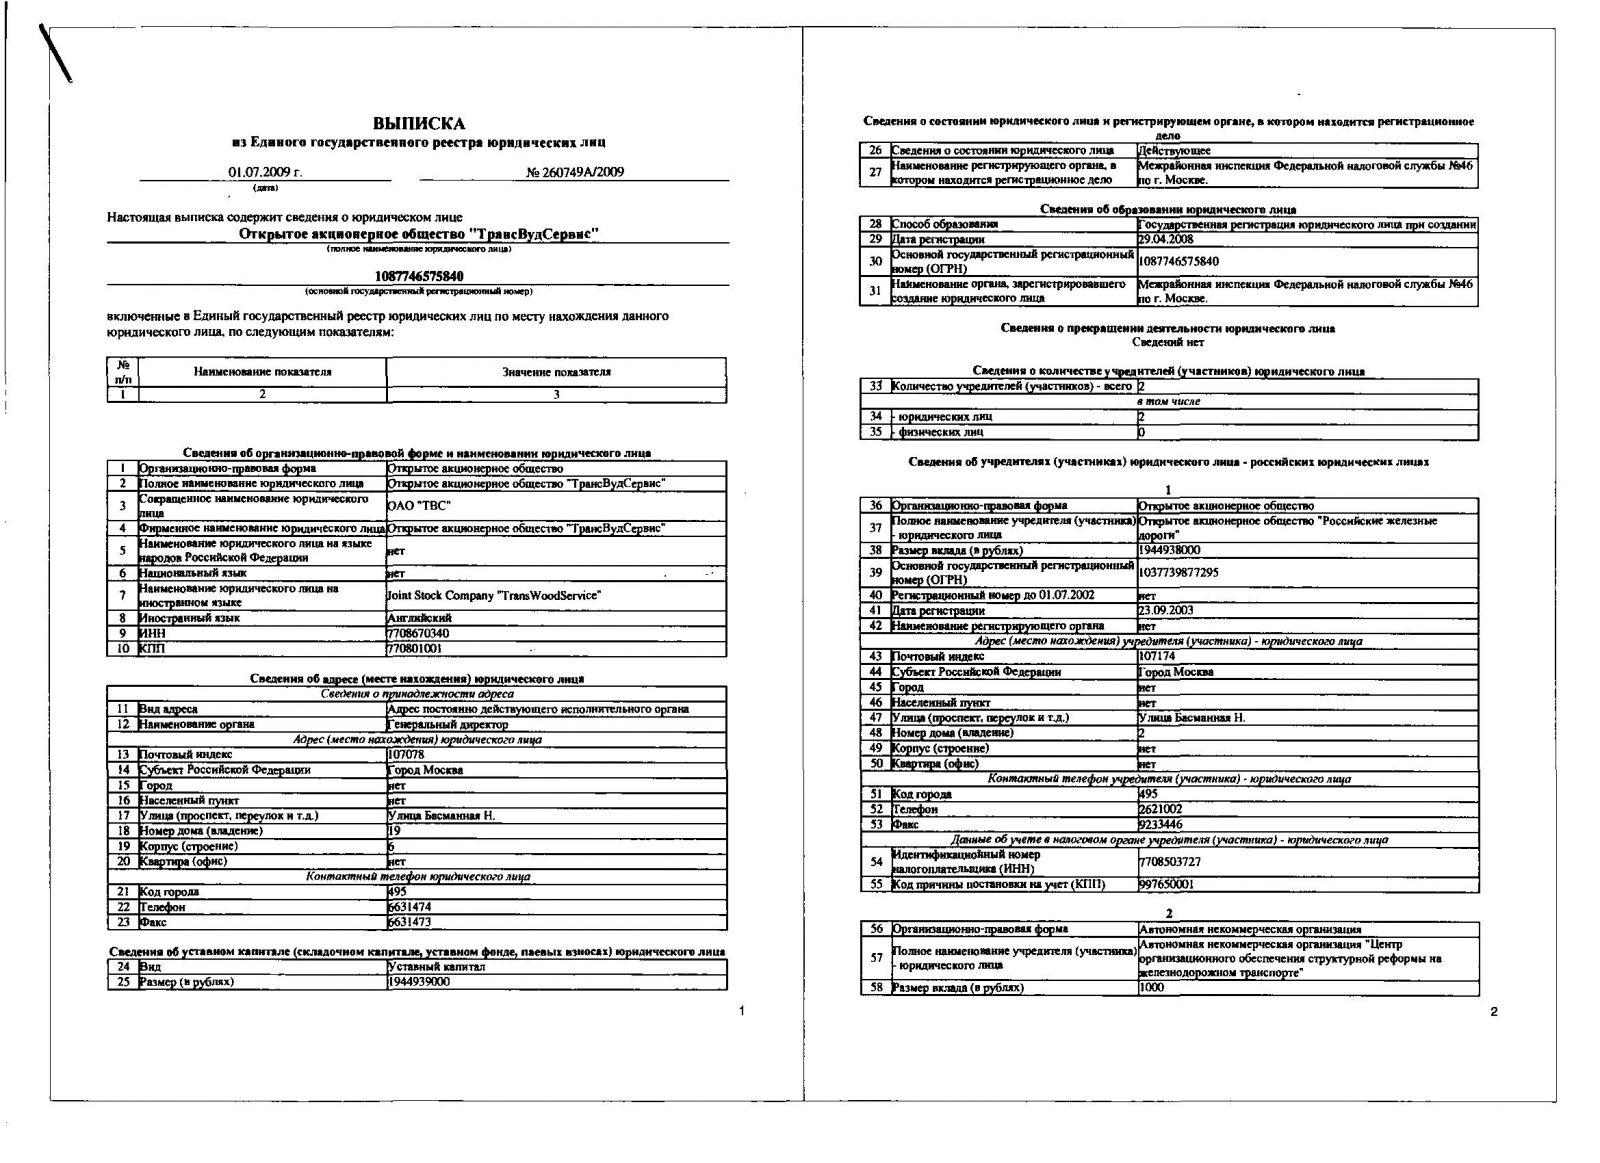 Где регистрировались юридические лица до 2002г.